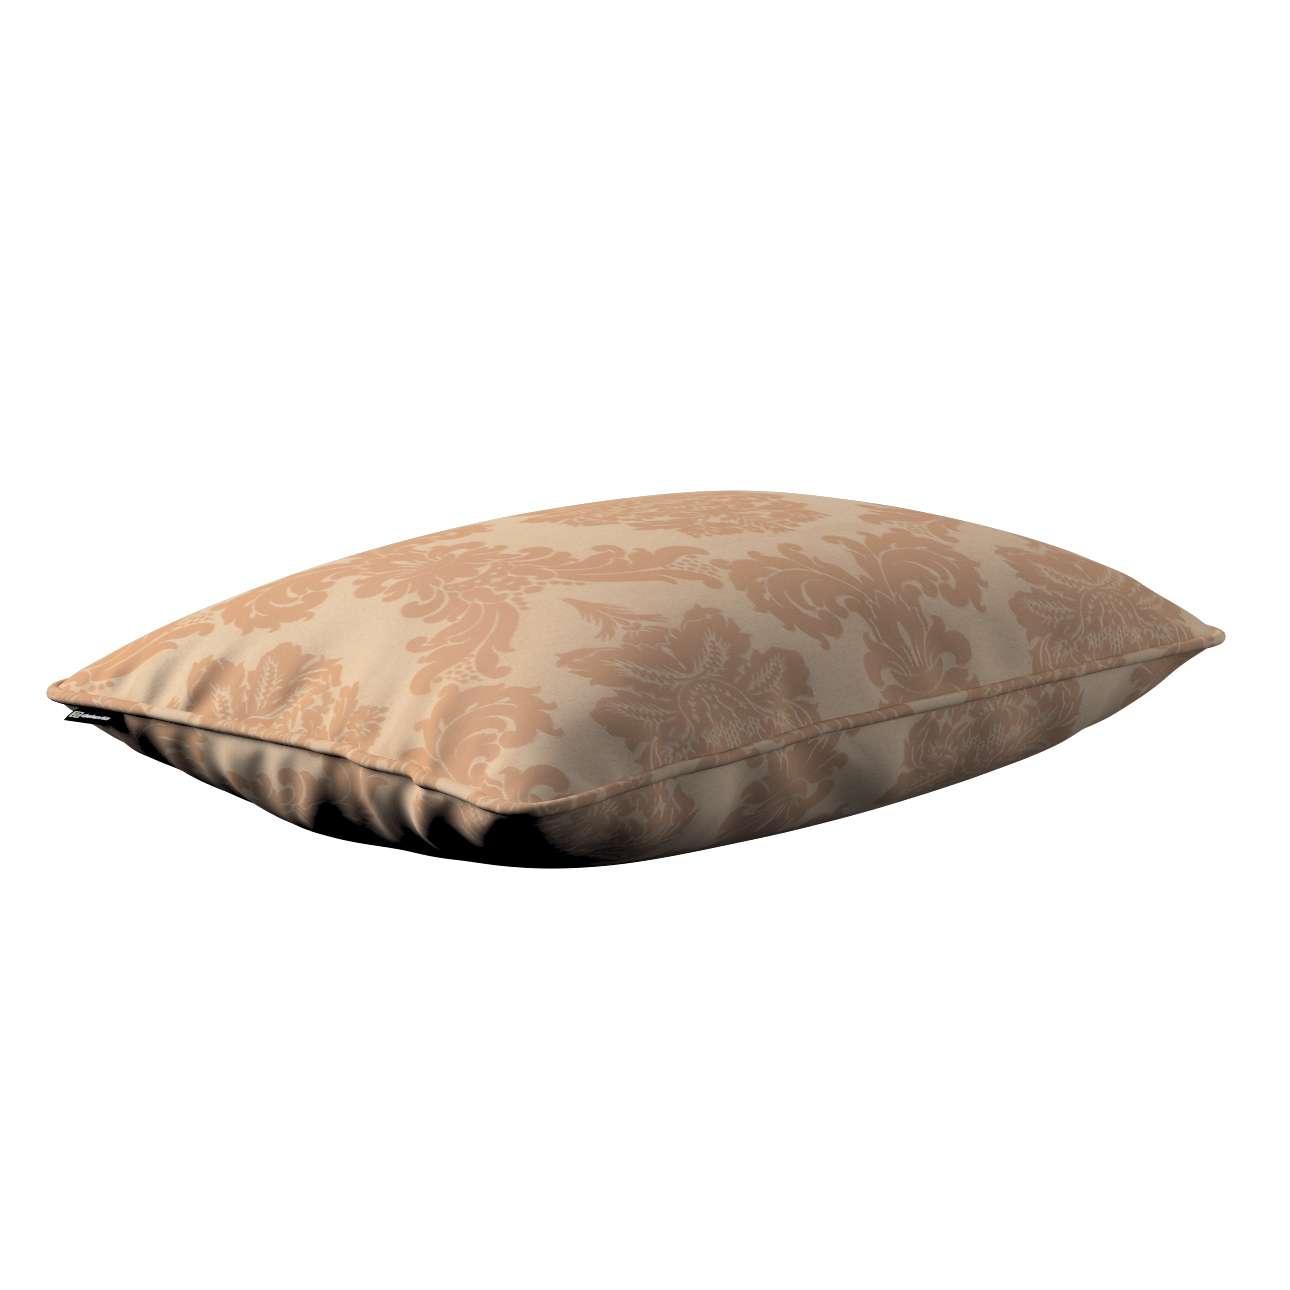 Poszewka Gabi na poduszkę prostokątna 60 x 40 cm w kolekcji Damasco, tkanina: 613-04